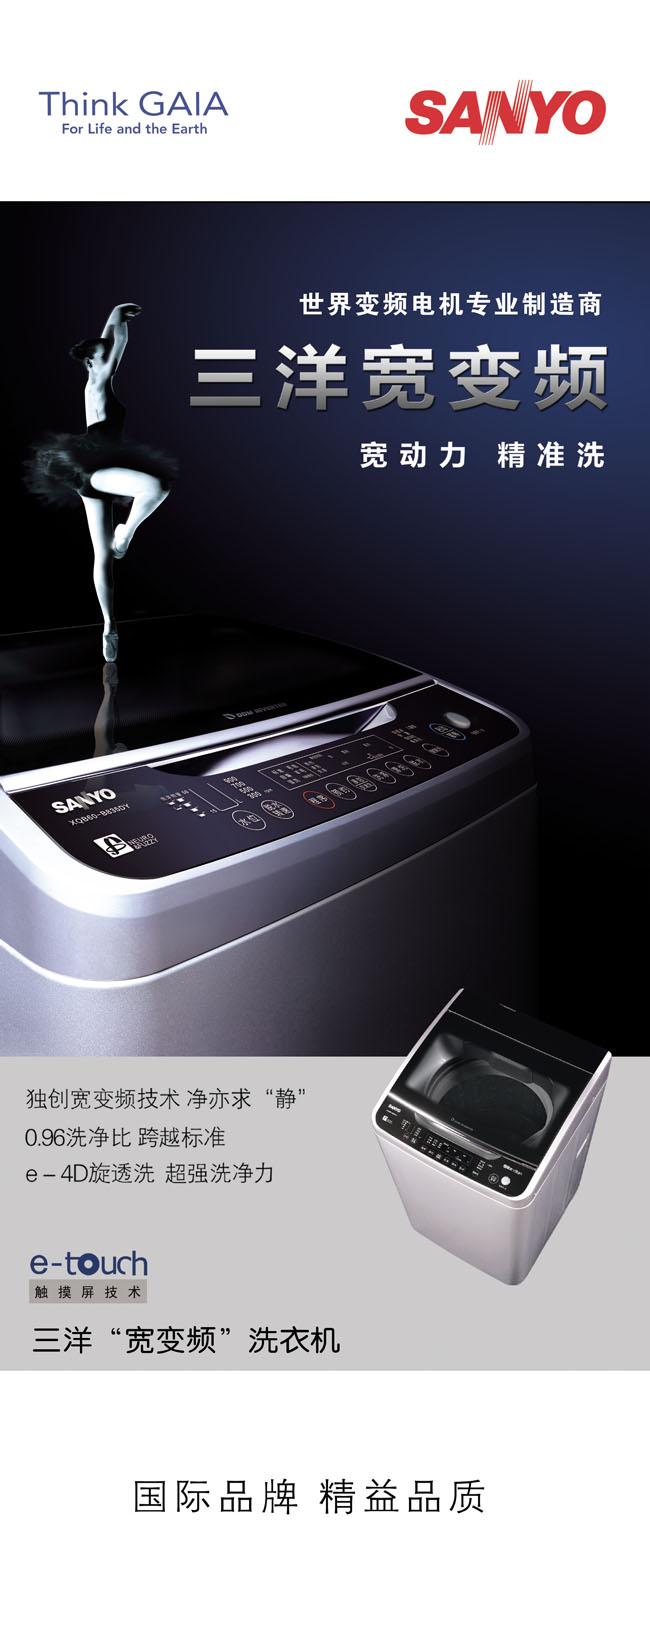 变频三洋洗衣机psd广告海报